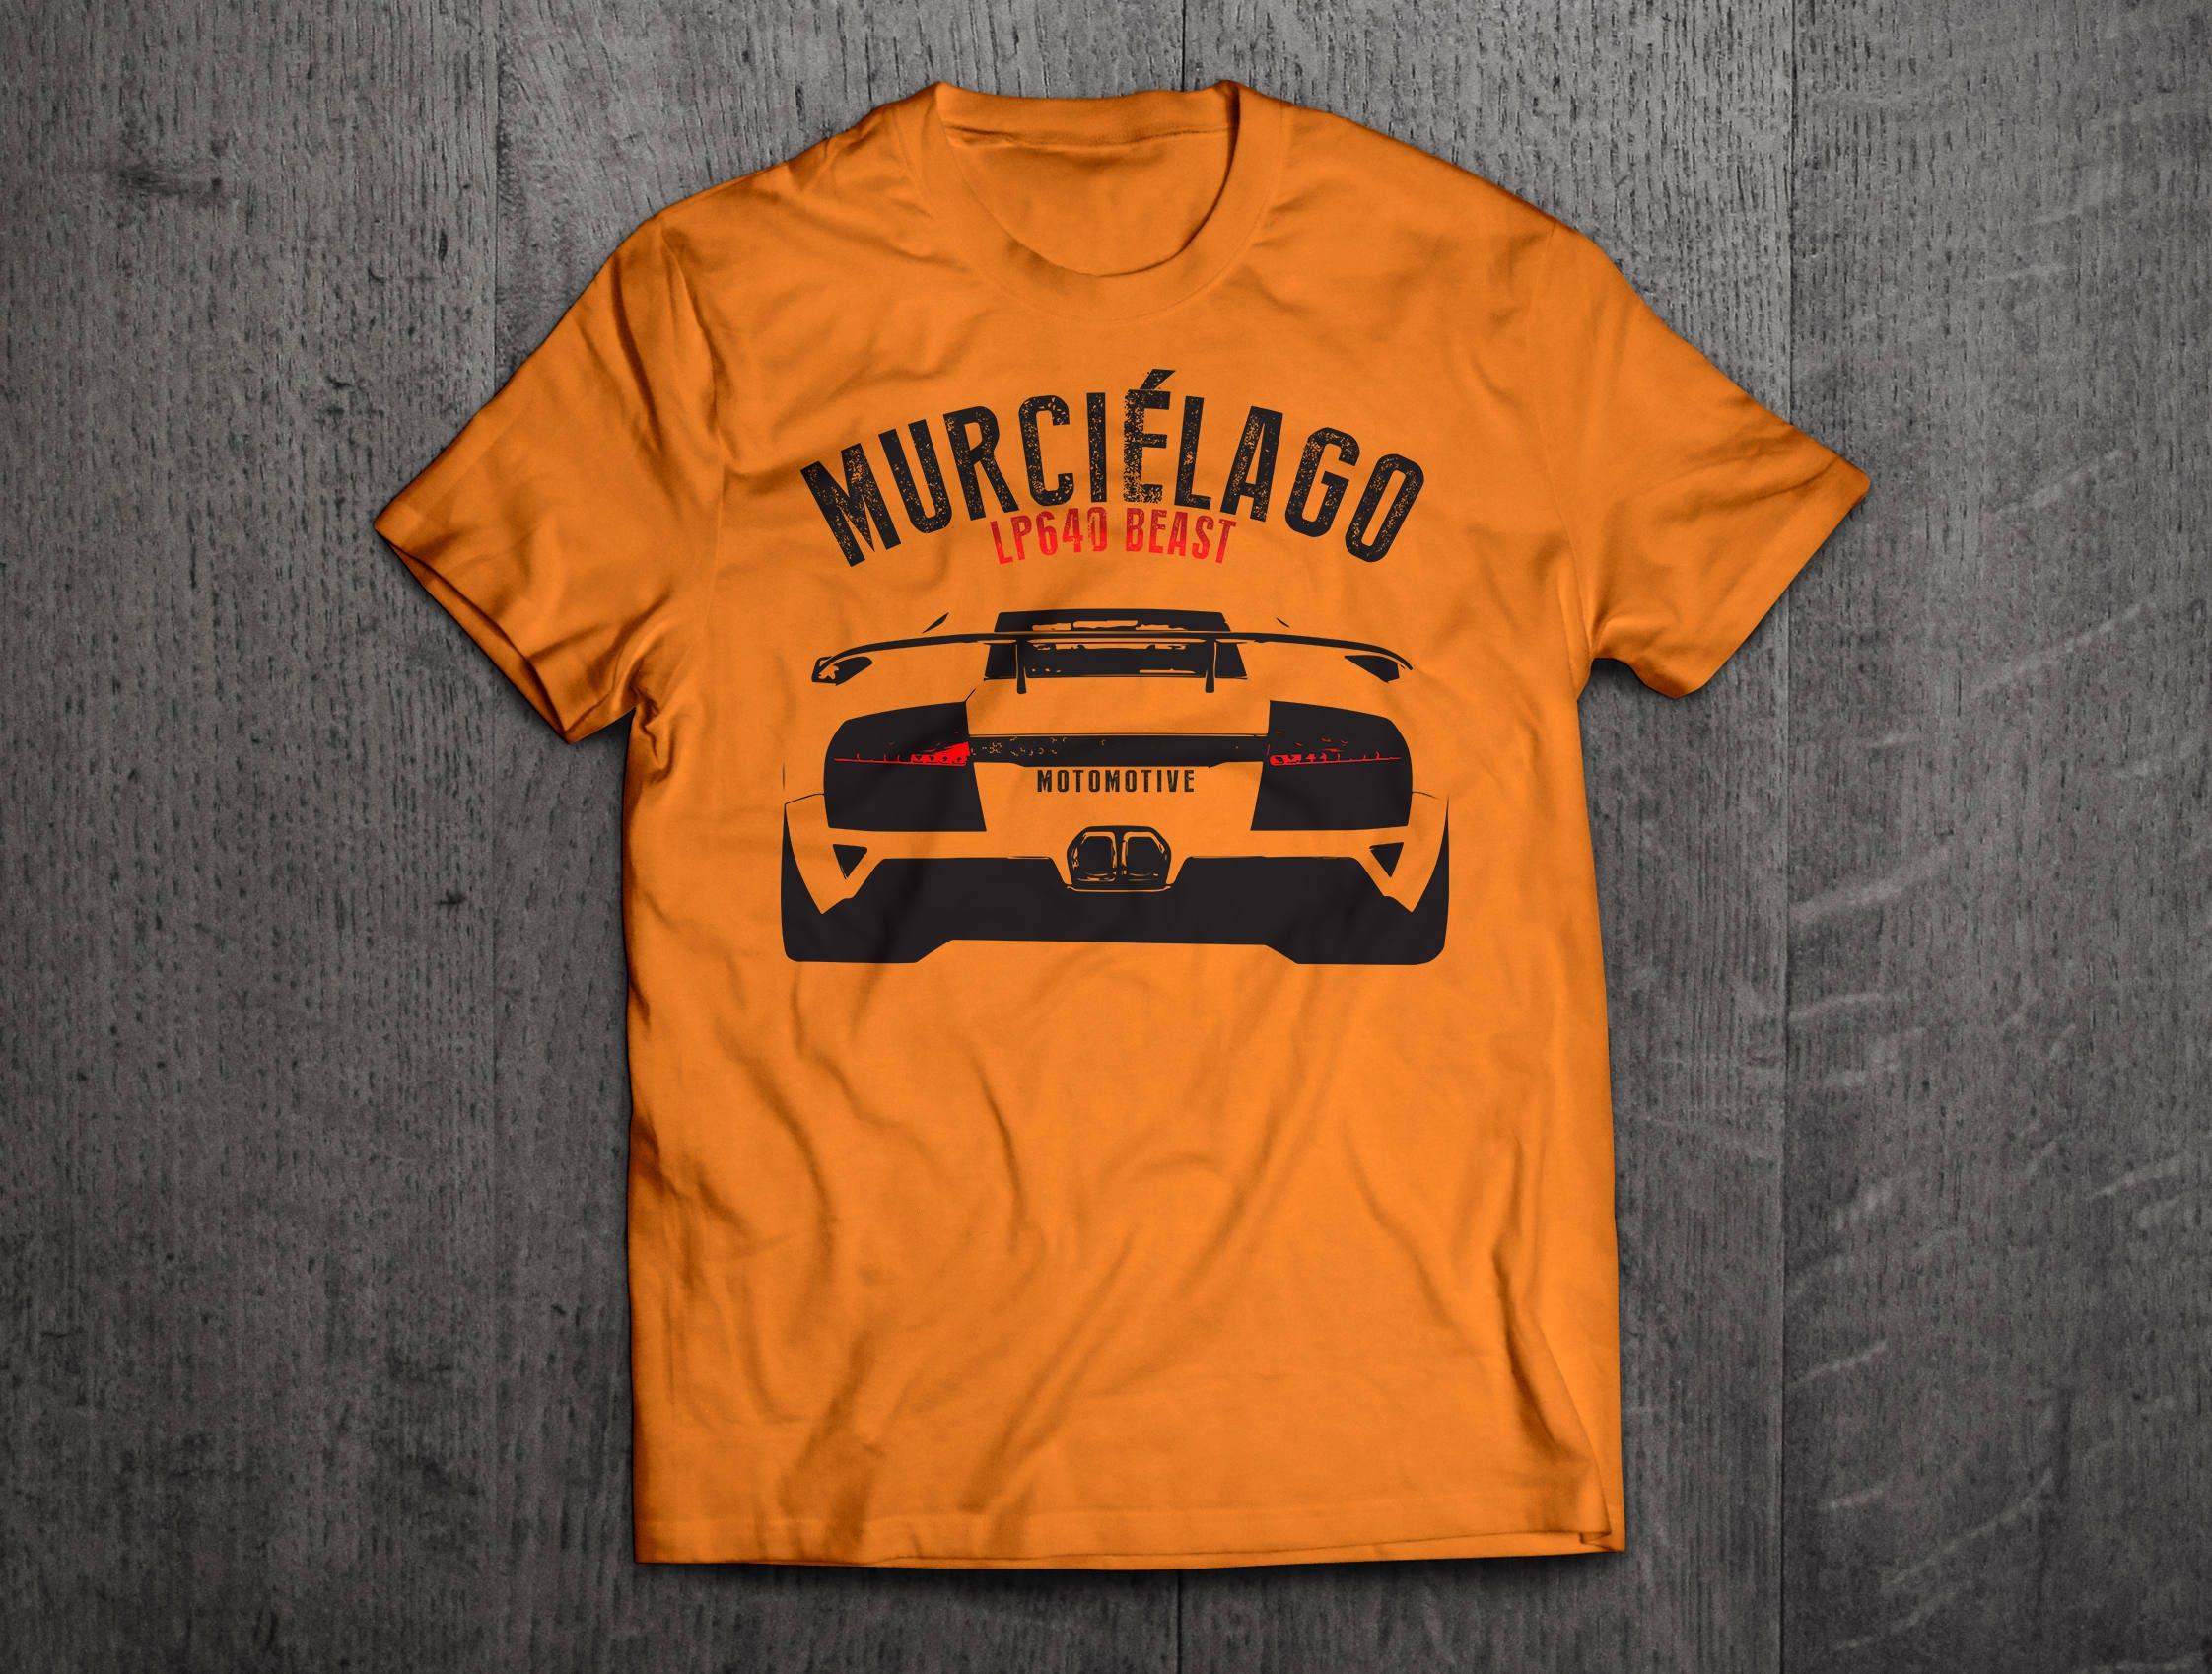 Lamborghini Shirts Lambo Lp640 T Shirts Lambo Murcielago